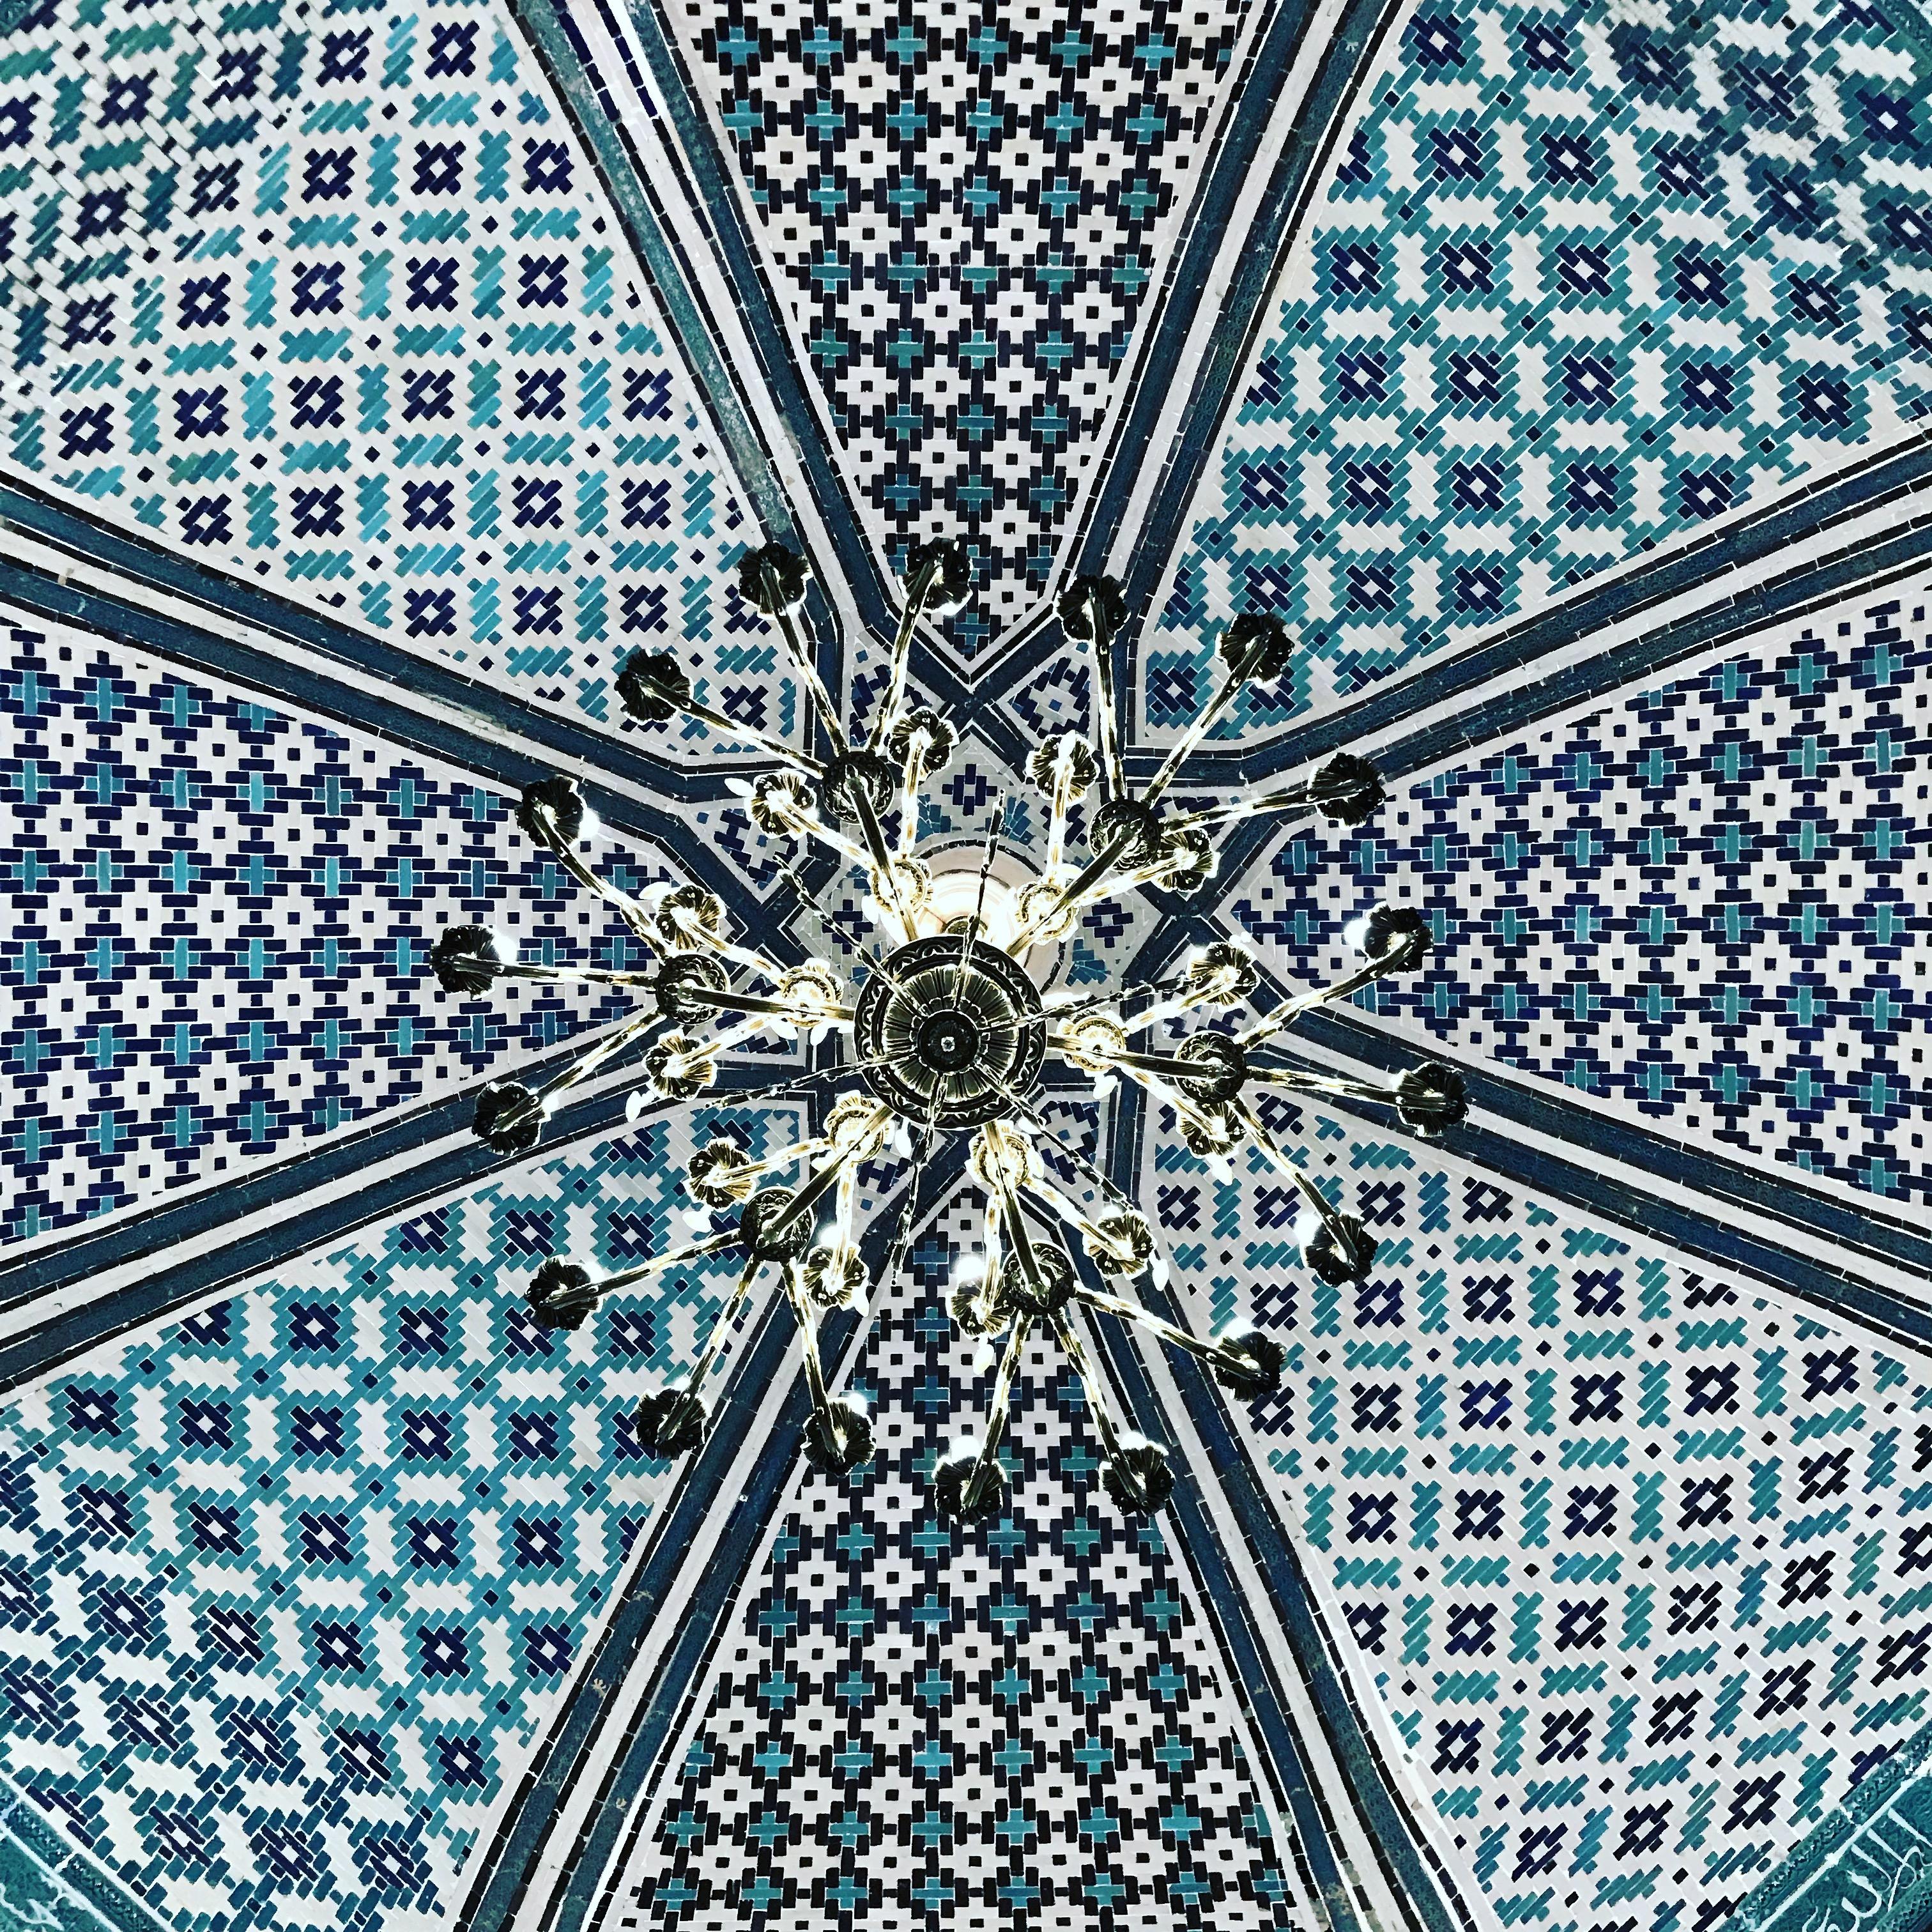 Usbekistan kscheib Kachel 4